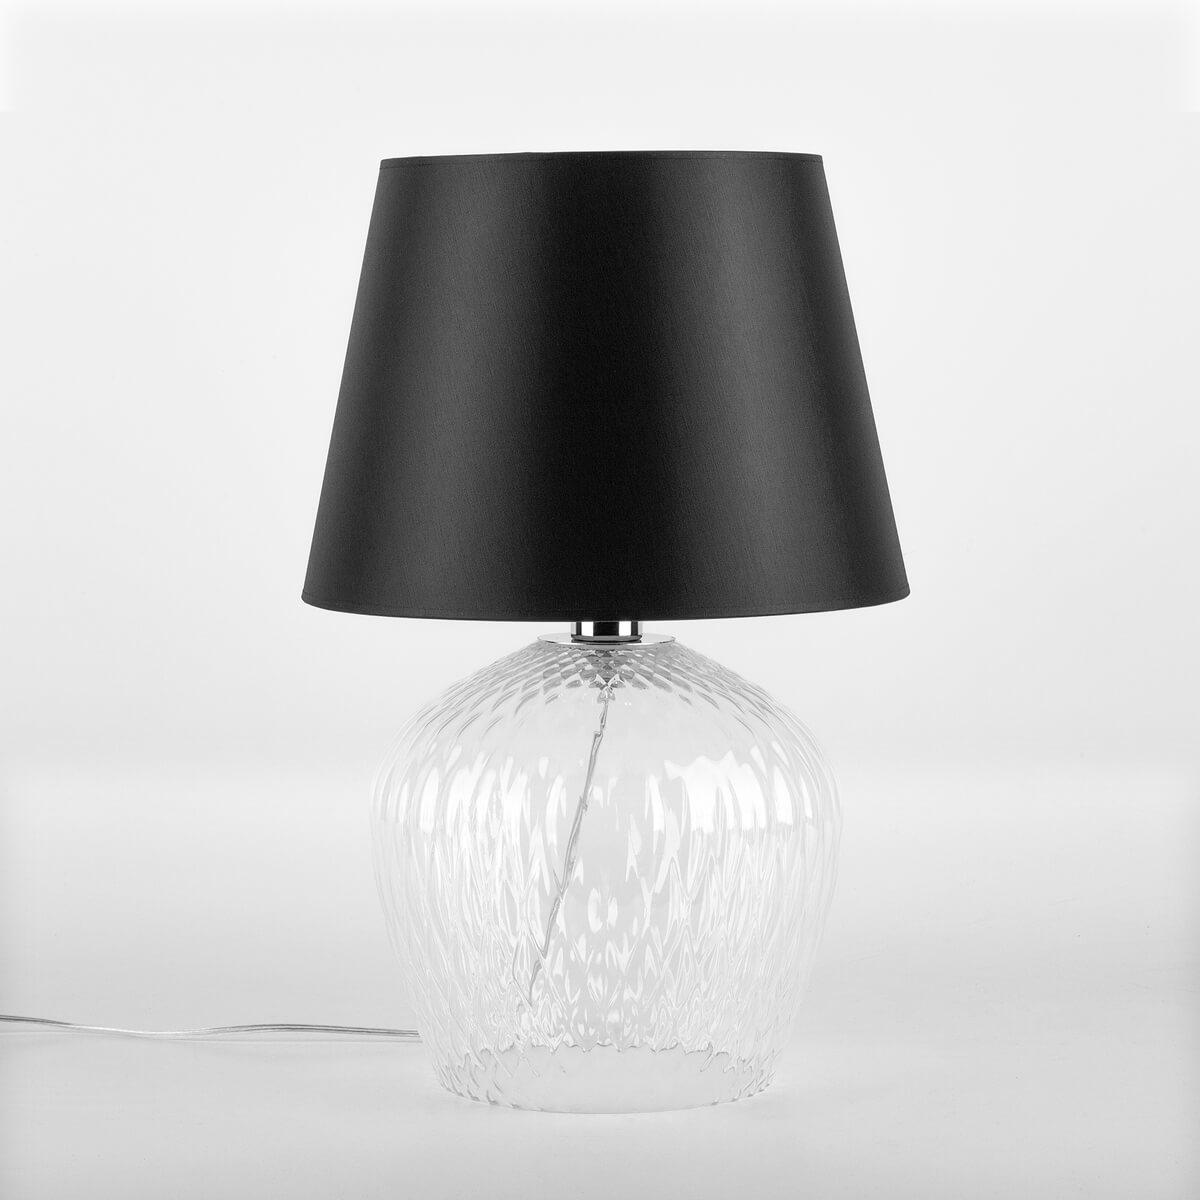 Настольная лампа TK Lighting 1153 Aspen Aspen [bet] aspen bestha jingdong супермаркет прямоугольный пакет изоляции обед рлб 1 синий